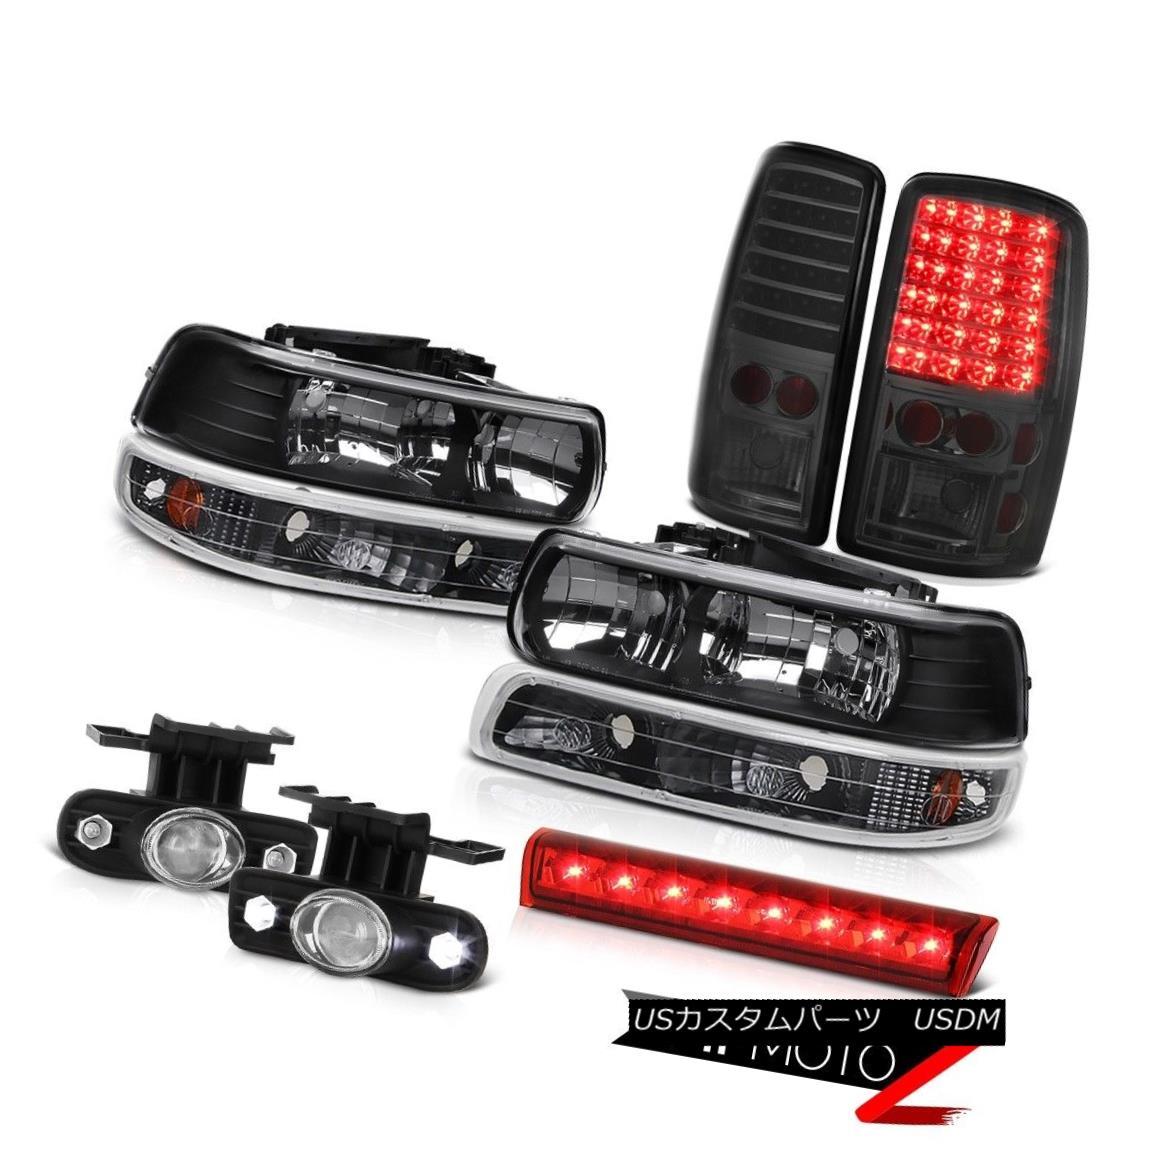 テールライト 00-06 Chevy Tahoe LS Red 3rd brake lamp foglights rear lights parking Headlights 00-06 Chevy Tahoe LSレッド第3ブレーキランプフォグライトリアライトパーキングヘッドライト